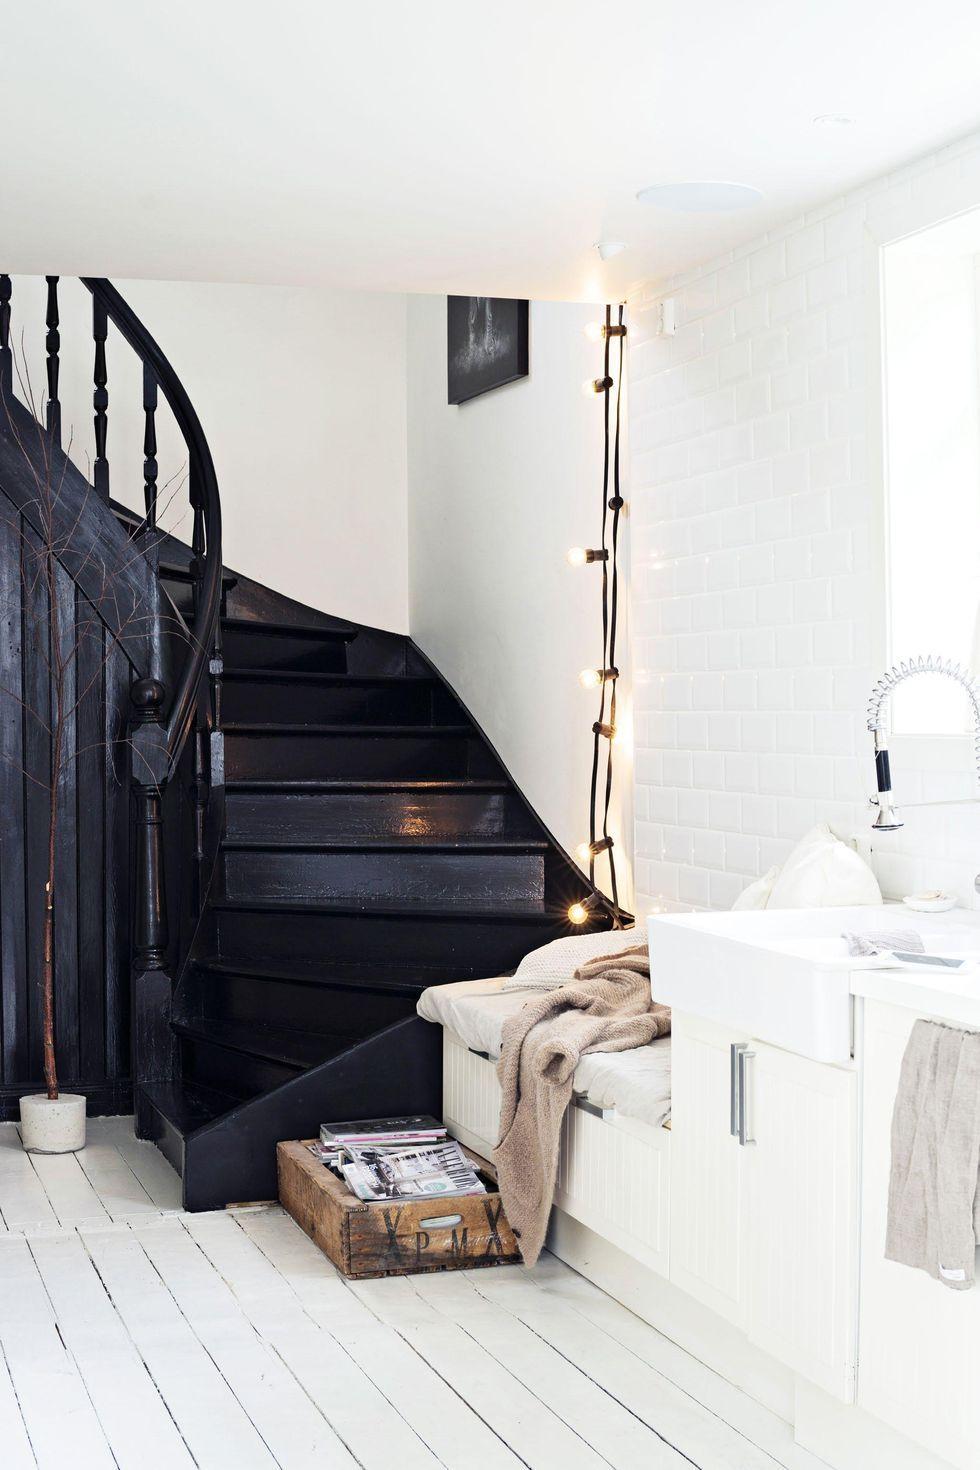 Épinglé par Evelina Skalski sur Dream Home | Pinterest | Escaliers ...